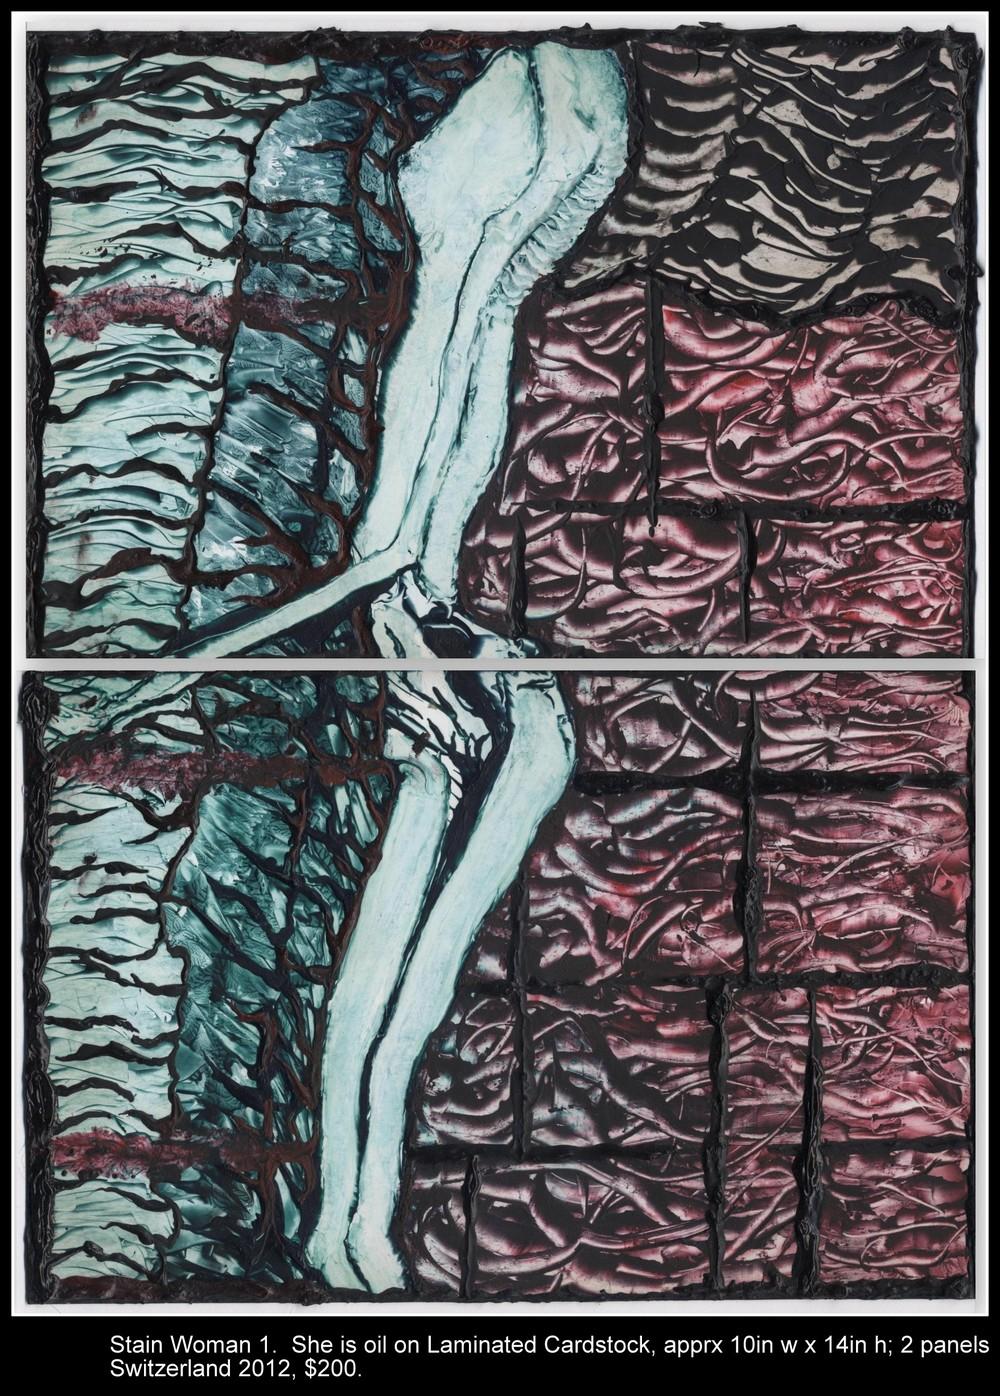 2012-11-23 stainwoman1.jpg